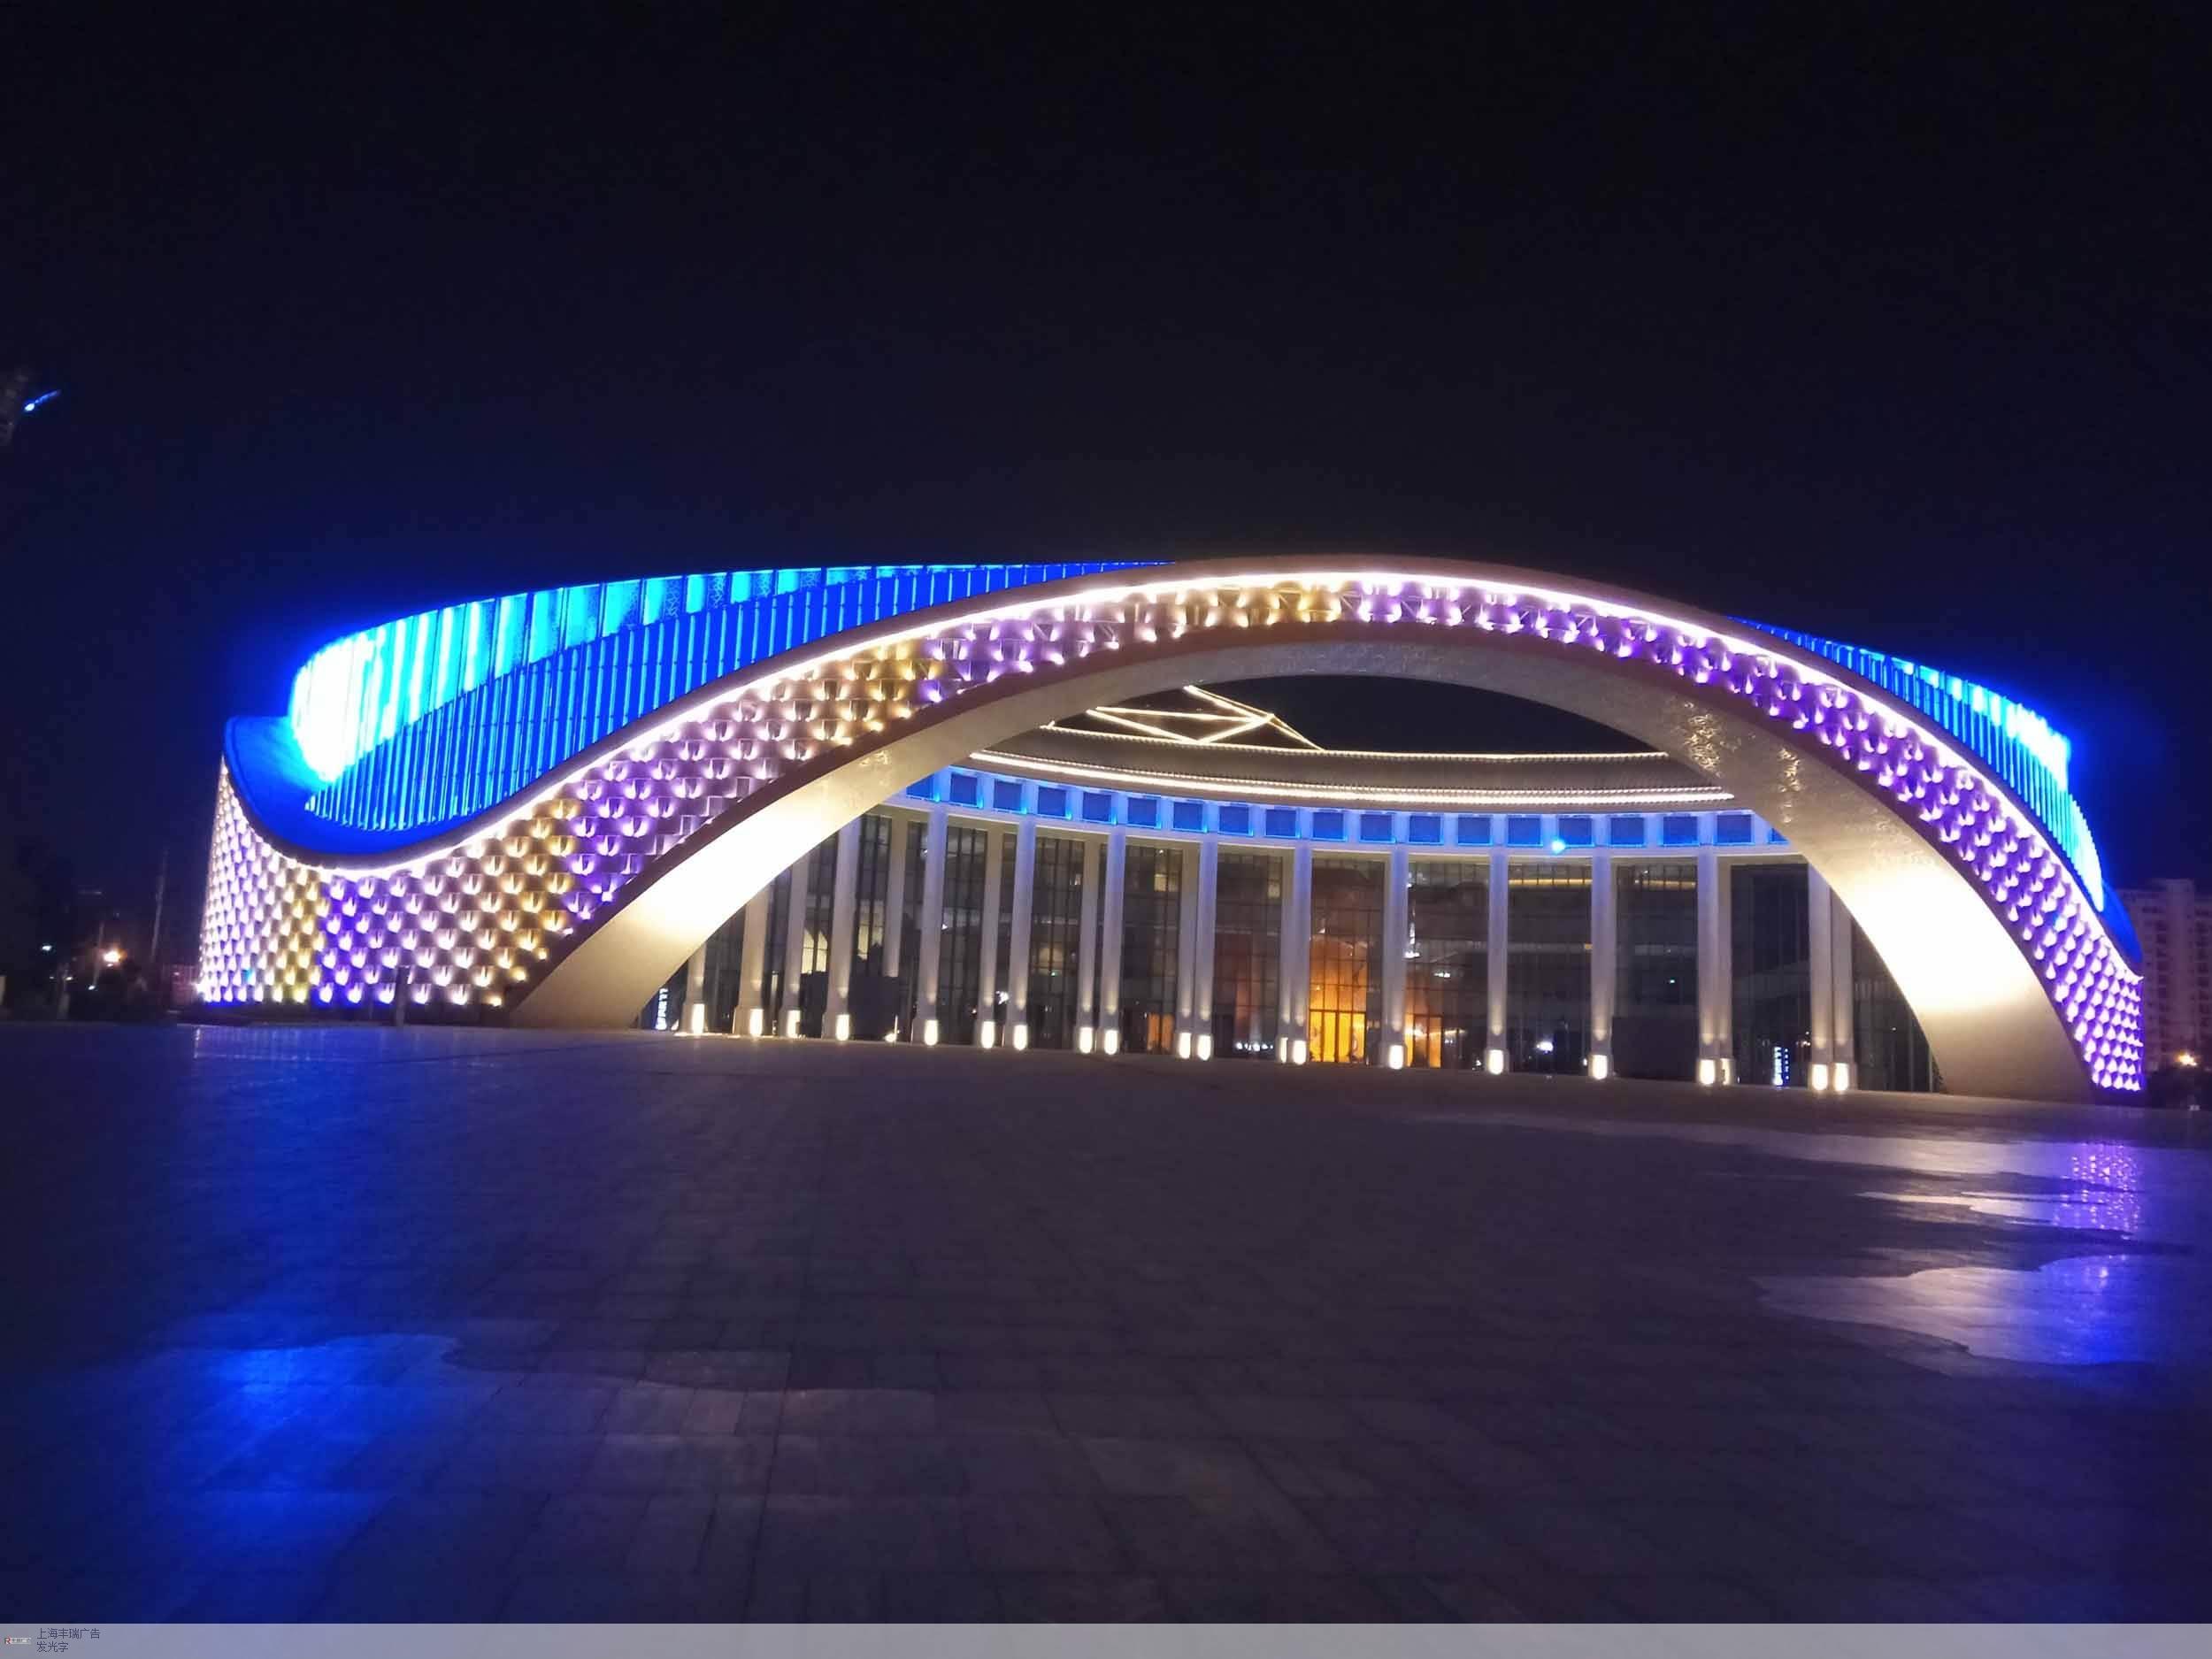 户外灯光亮化生产厂家 欢迎来电「上海丰瑞广告供应」